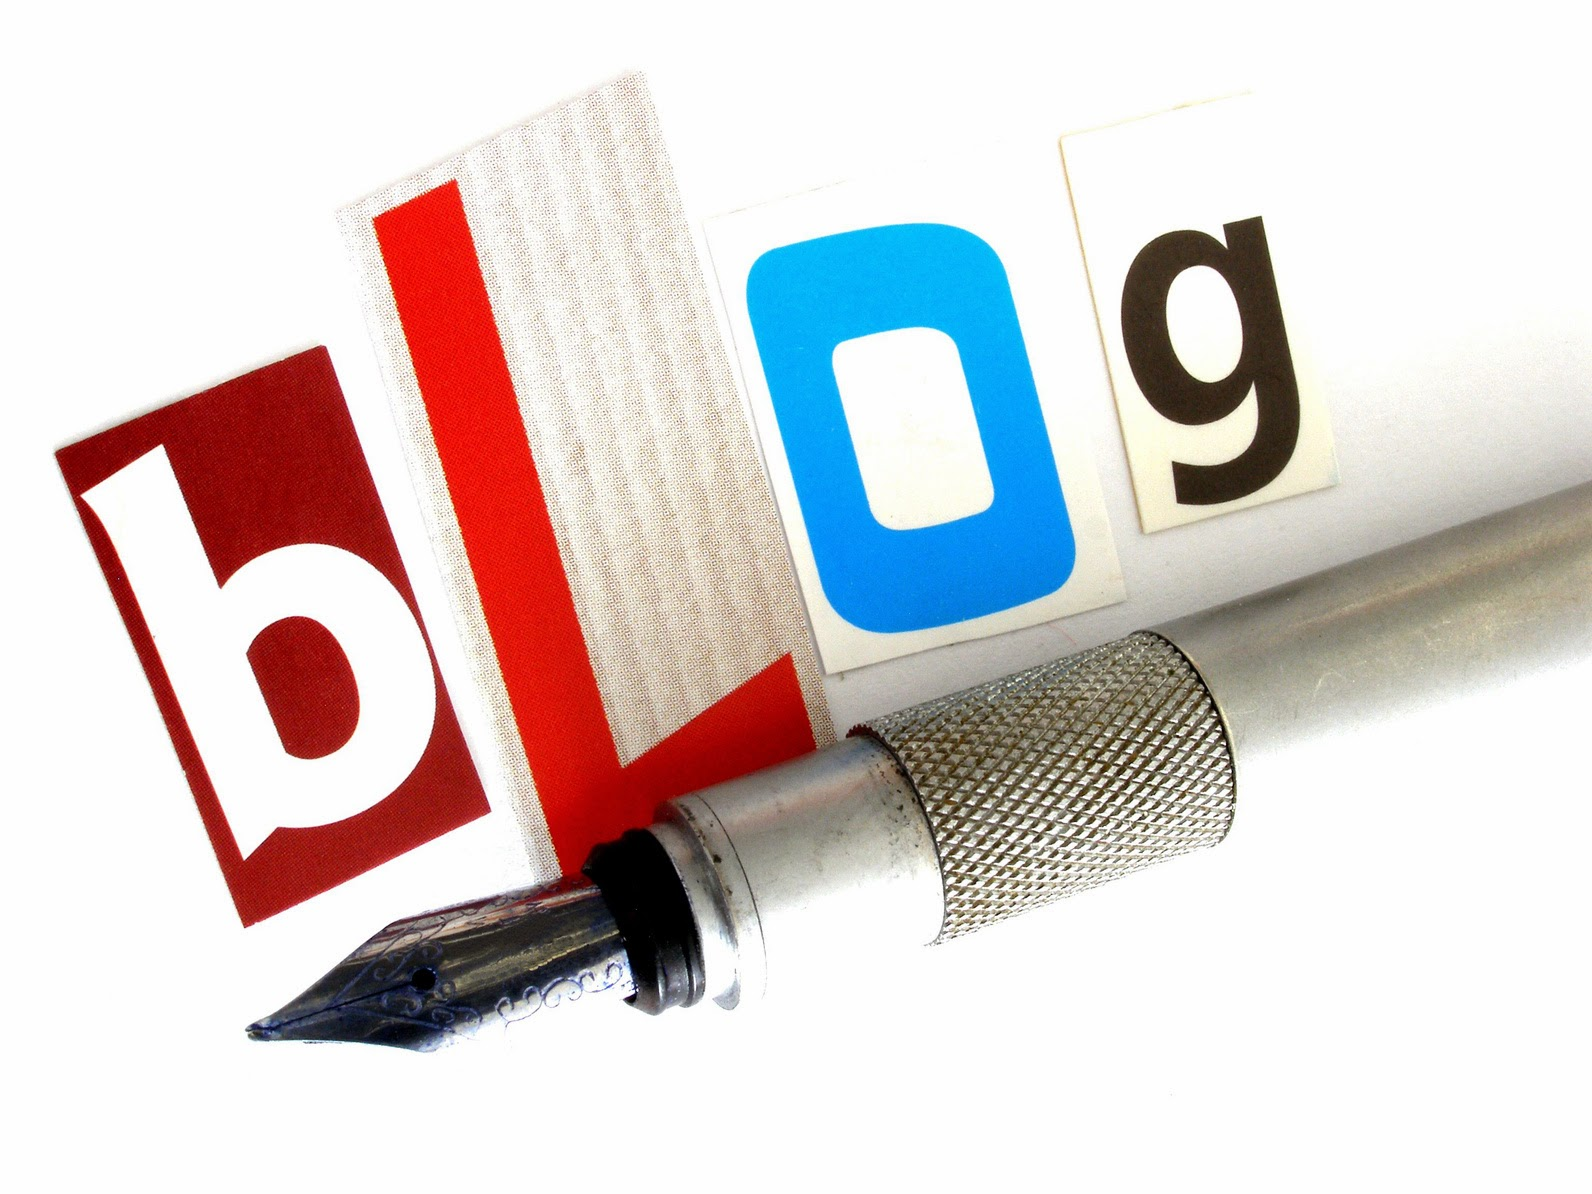 5 Cara Mendapatkan / Menghasilkan Uang Dari Blog Untuk Setiap Kunjungan Dengan Mudah